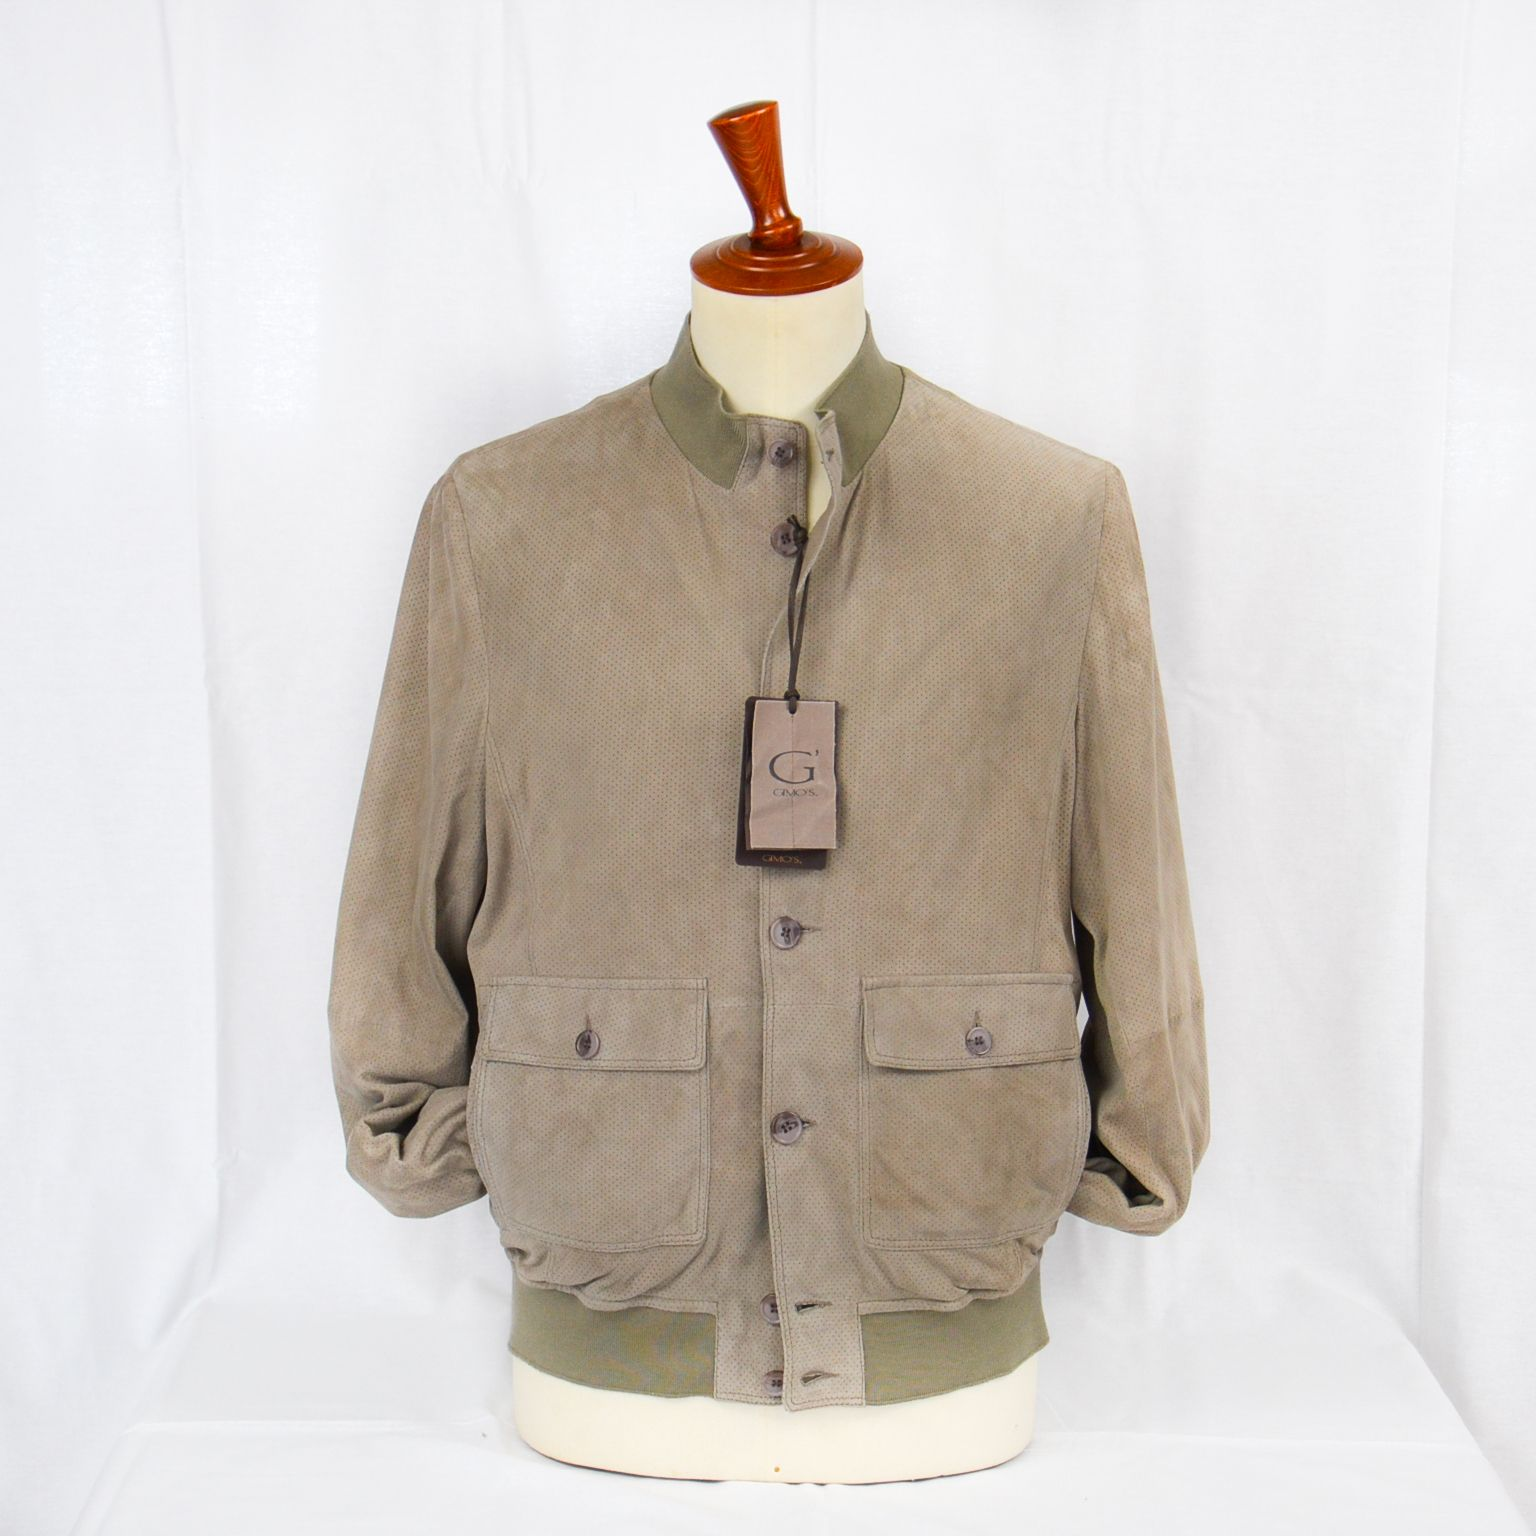 a basso prezzo 85099 d9d7e GIUBBINO RENNA BEIGE TRAFORATO Gimo's - Sabi Abbigliamento